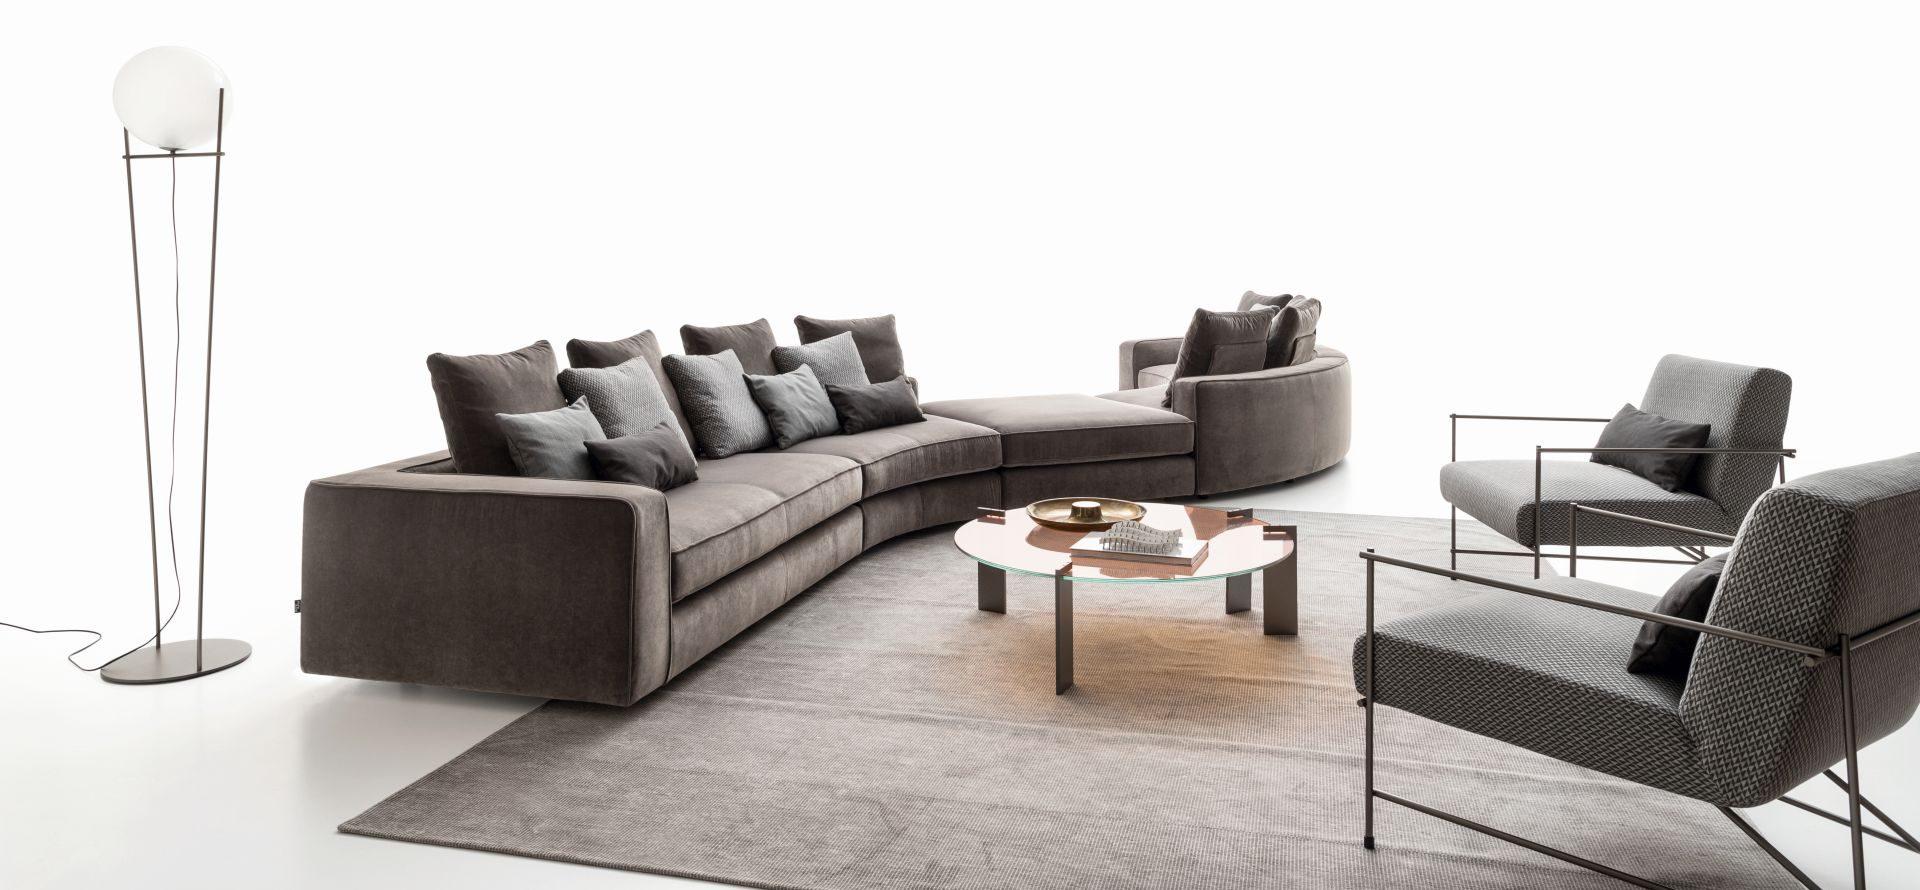 Loman Sofa